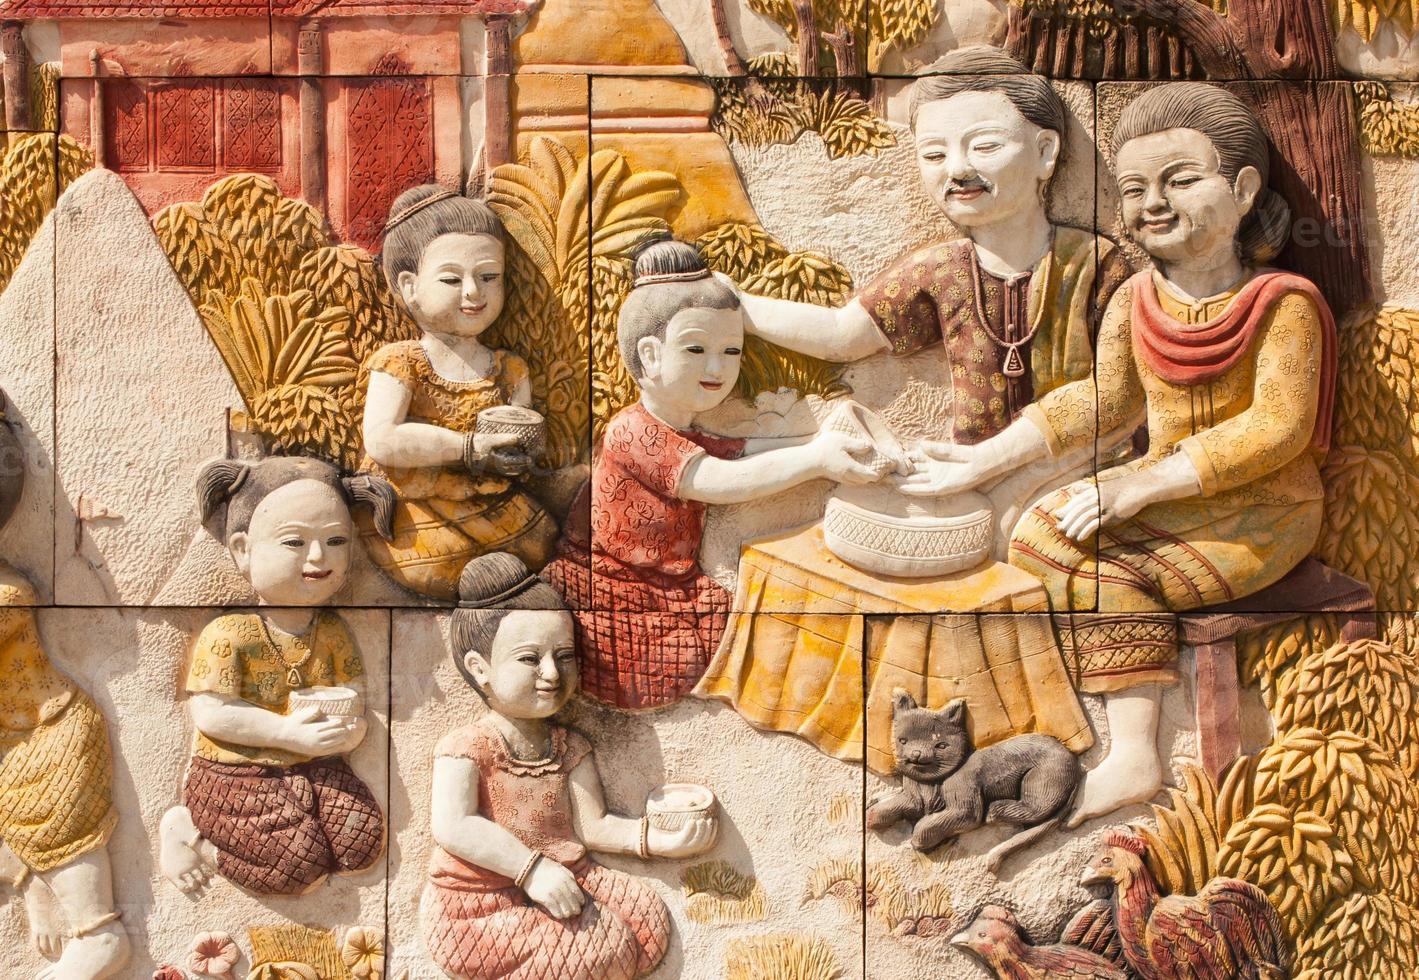 scultura di pietra della cultura tailandese del festival songkran foto